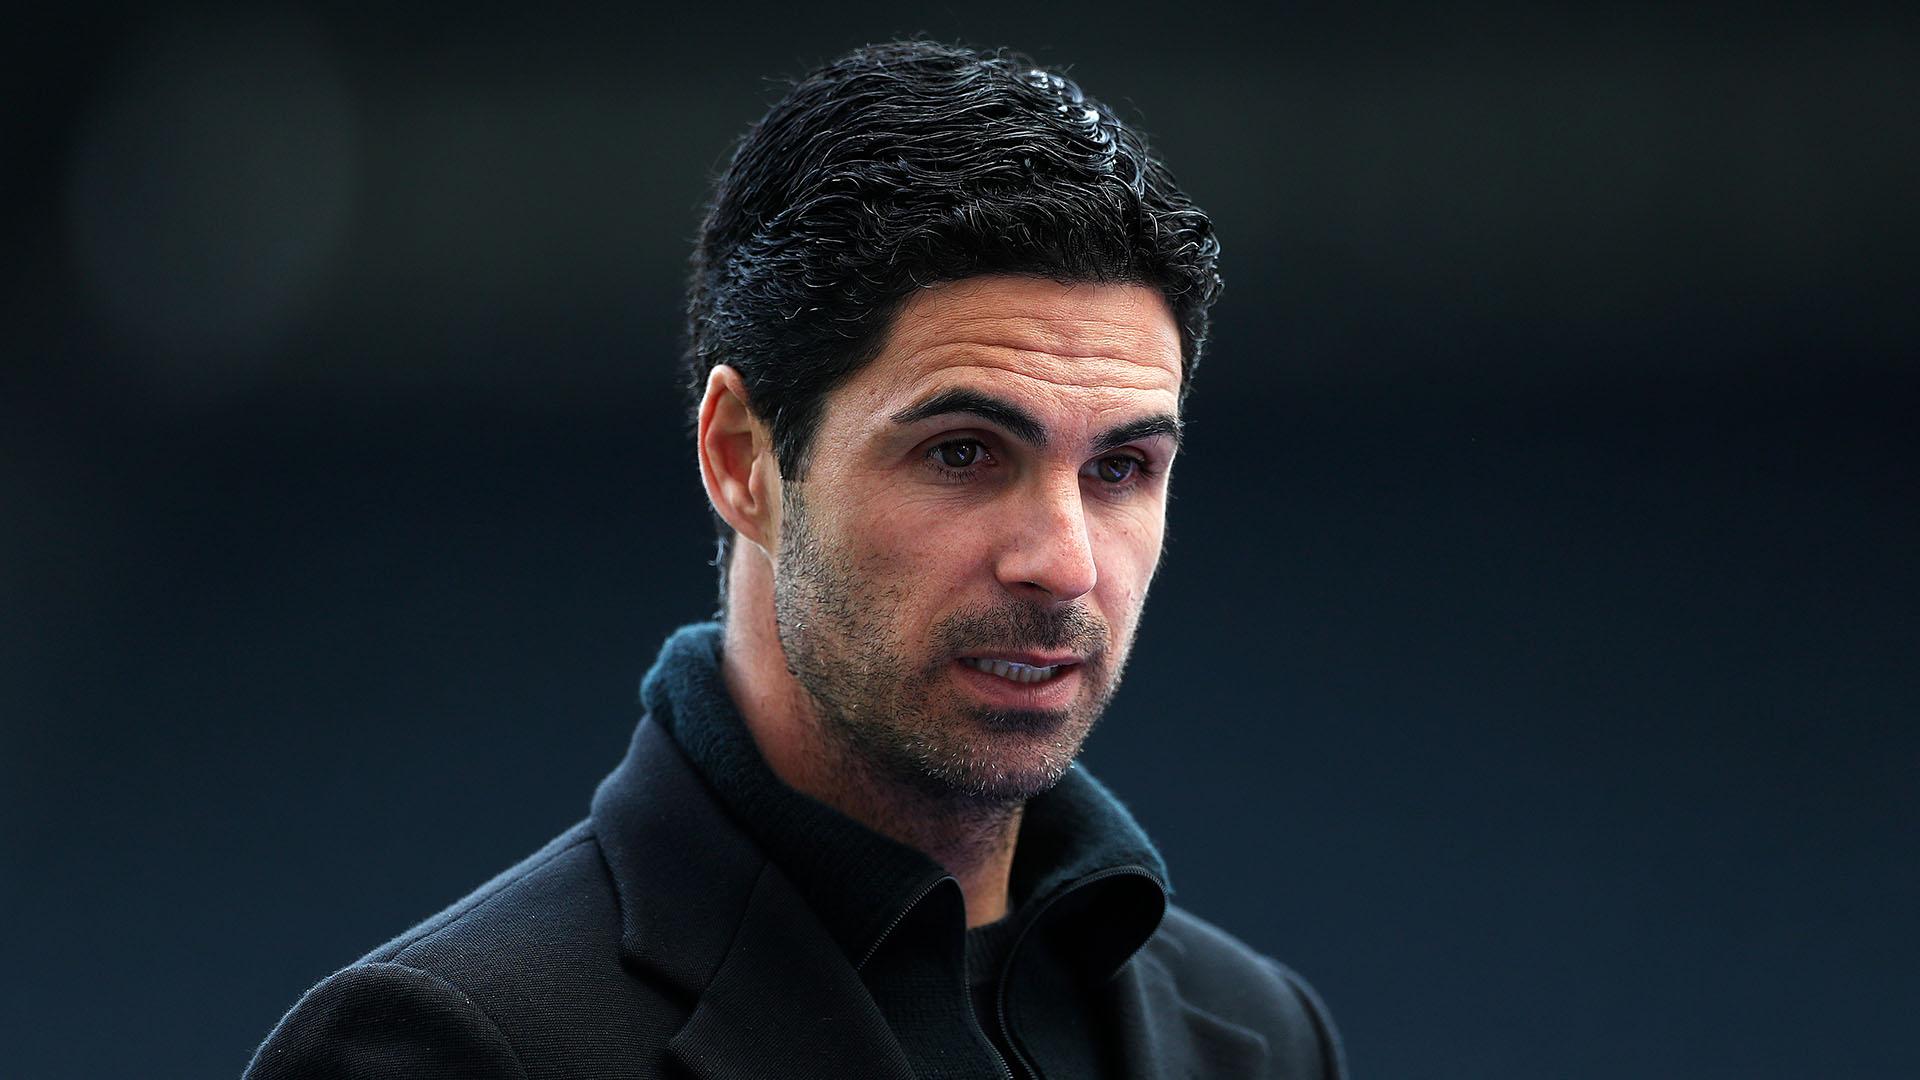 塞巴略斯:阿尔特塔将成为最佳主帅之一 但我想回西甲踢球